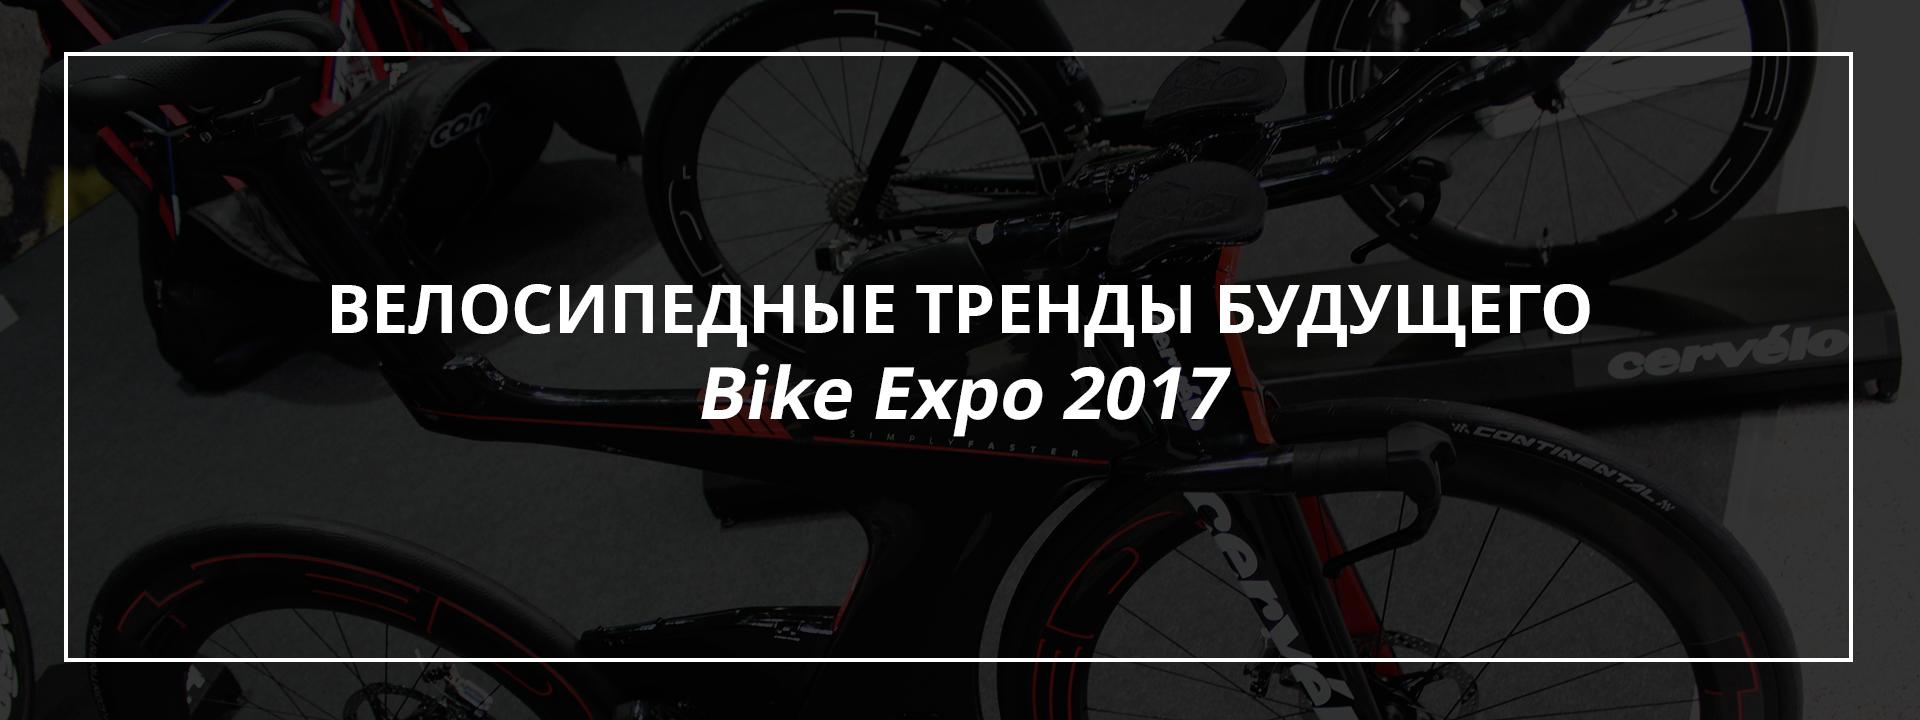 Велосипедные тренды будущего: сезон 2018